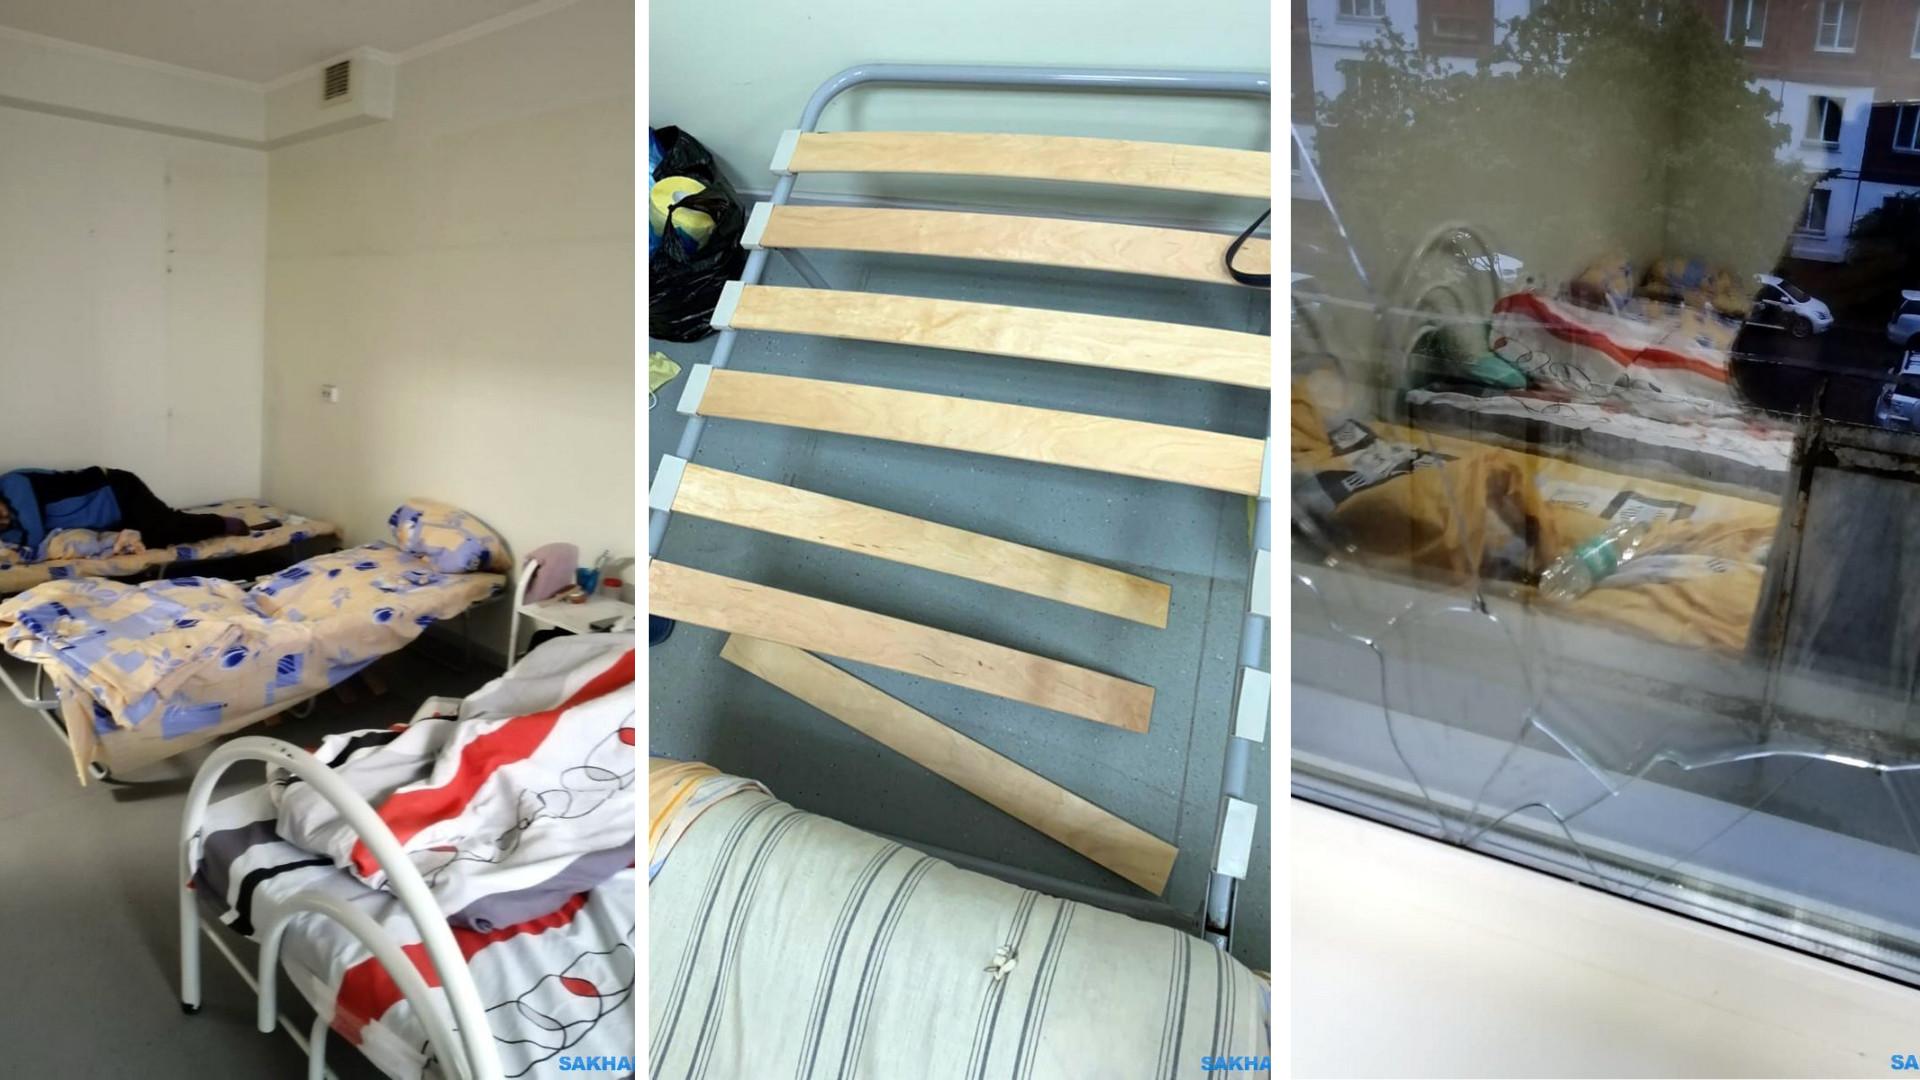 Росздравнадзор проверит ковид-госпиталь Южно-Сахалинска из-за жалоб пациентов